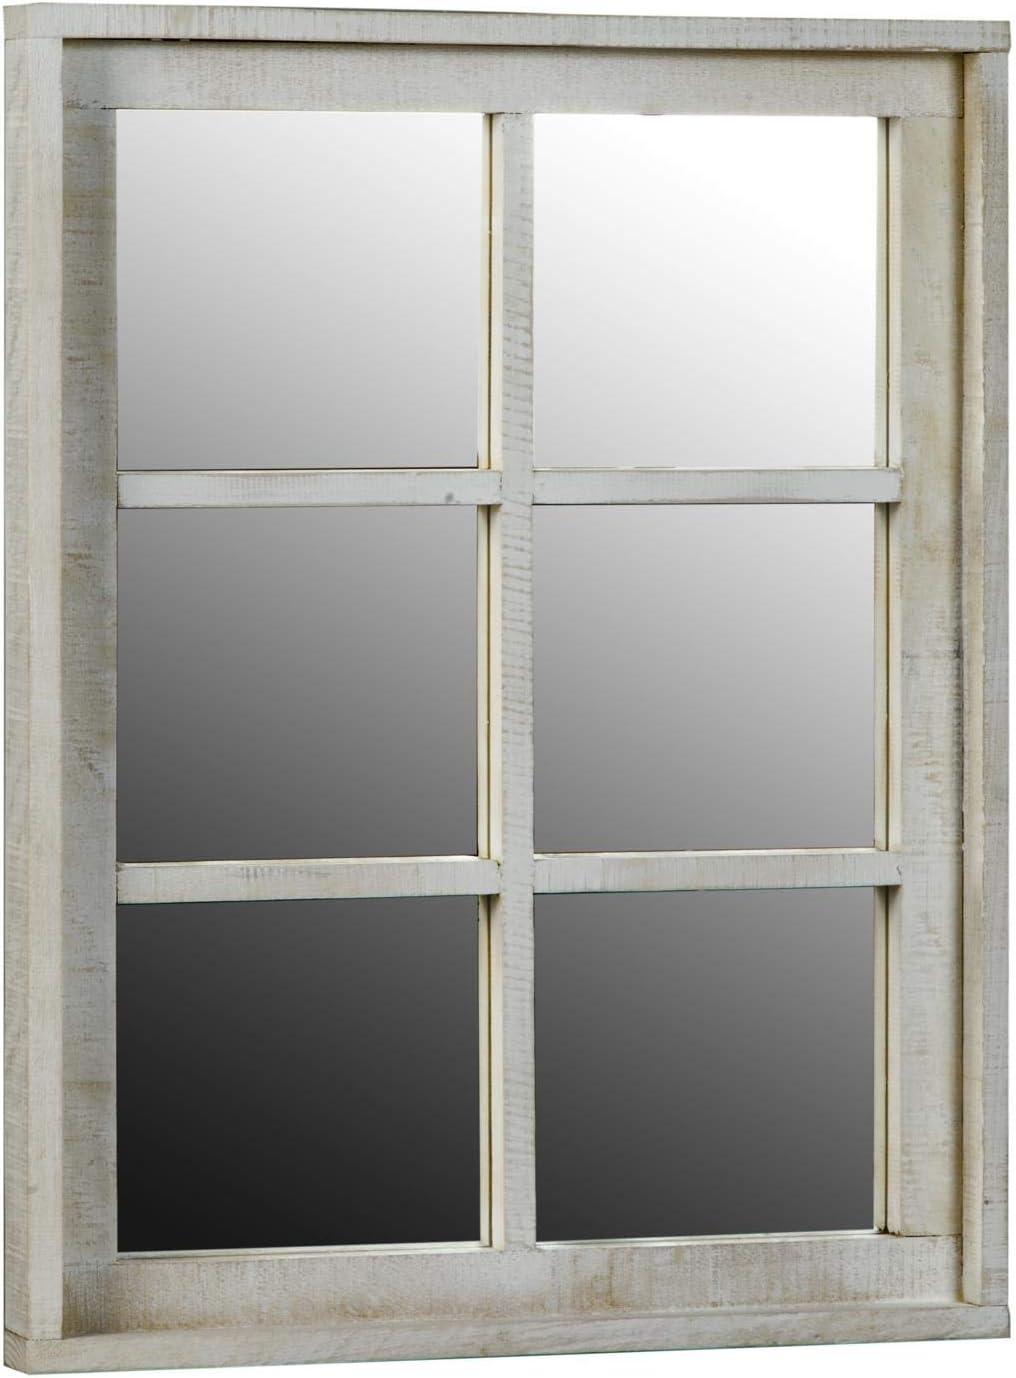 BANAK IMPORTA - Espejo para radiadores: Amazon.es: Hogar